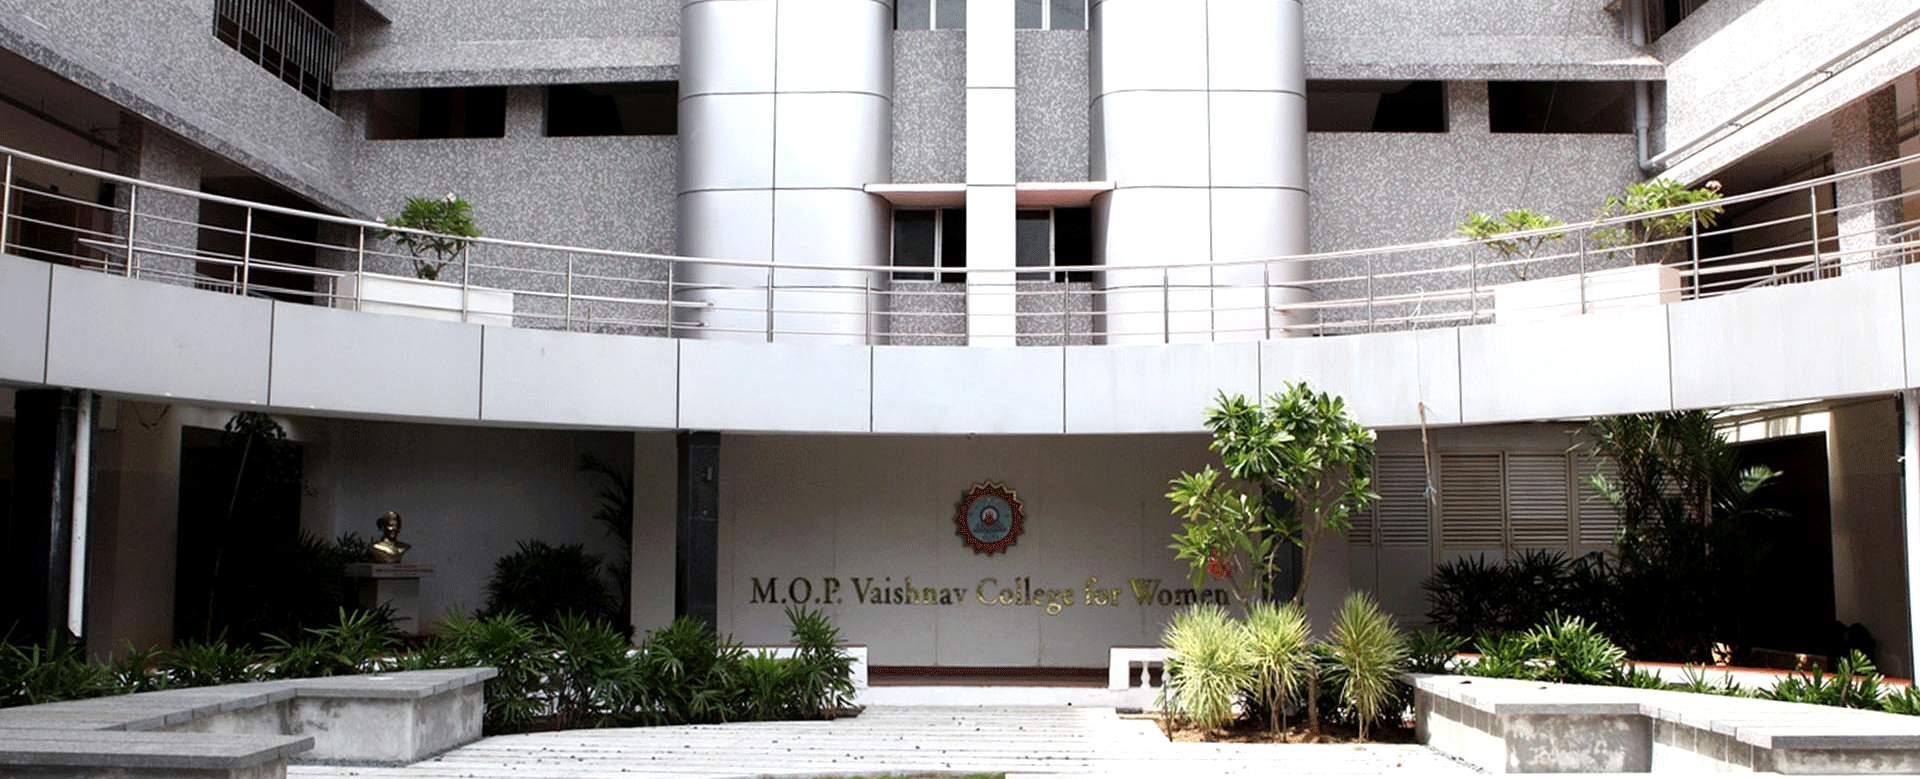 MOP Vaishnav College